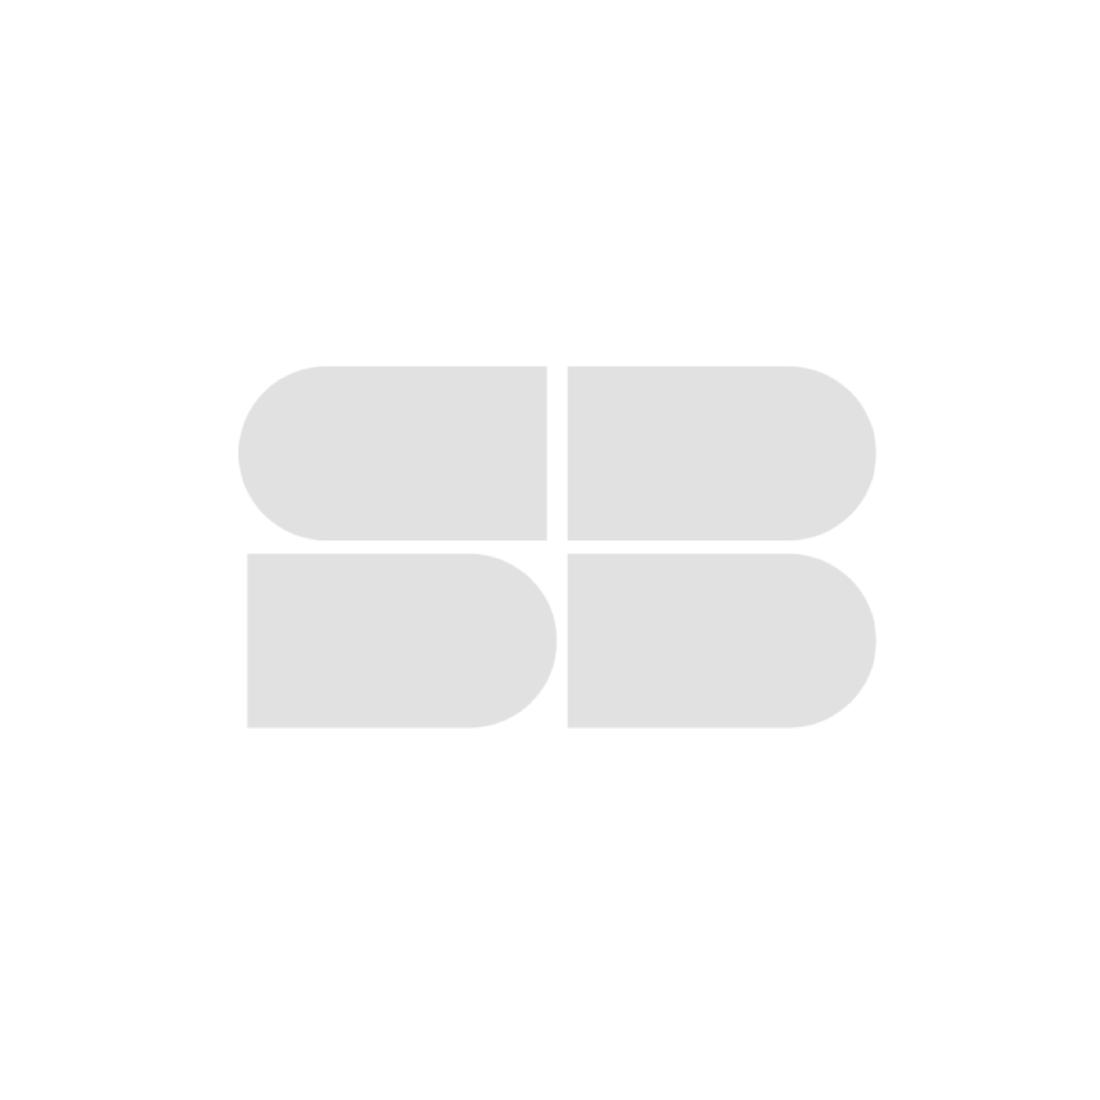 ที่นอน Vono รุ่น Cozy Care ขนาด 6 ฟุต